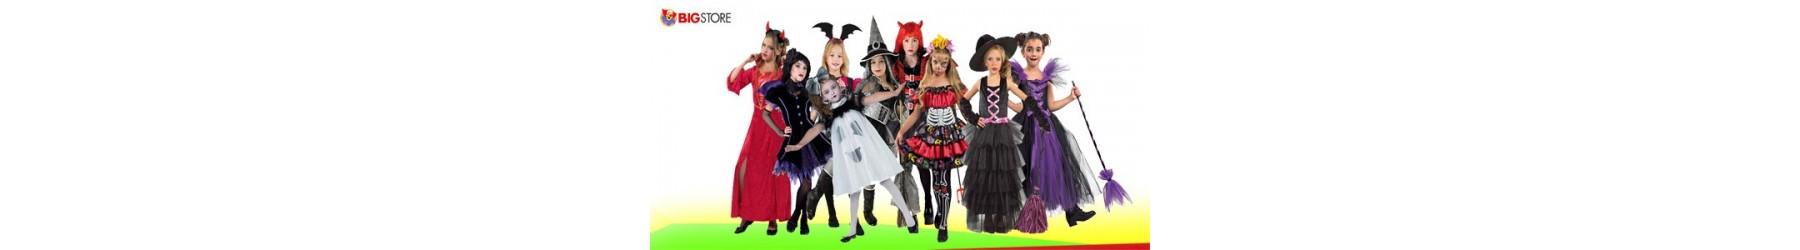 Αποκριάτικες στολές Halloween, Μάγισσας και Βαμπίρ για κορίτσια